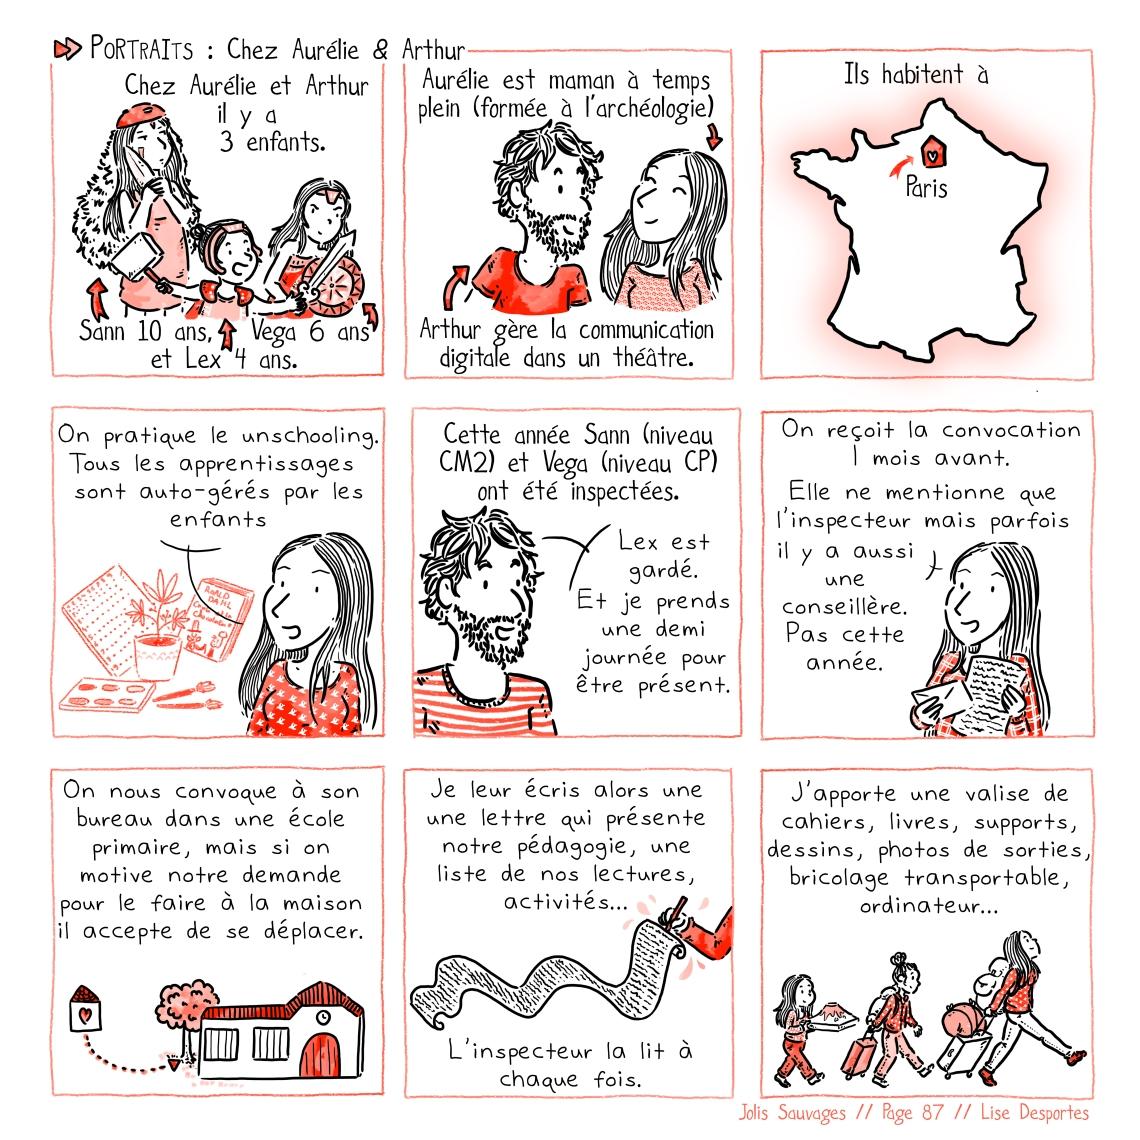 Page 87 - Aurélie et Arthur 1.jpg